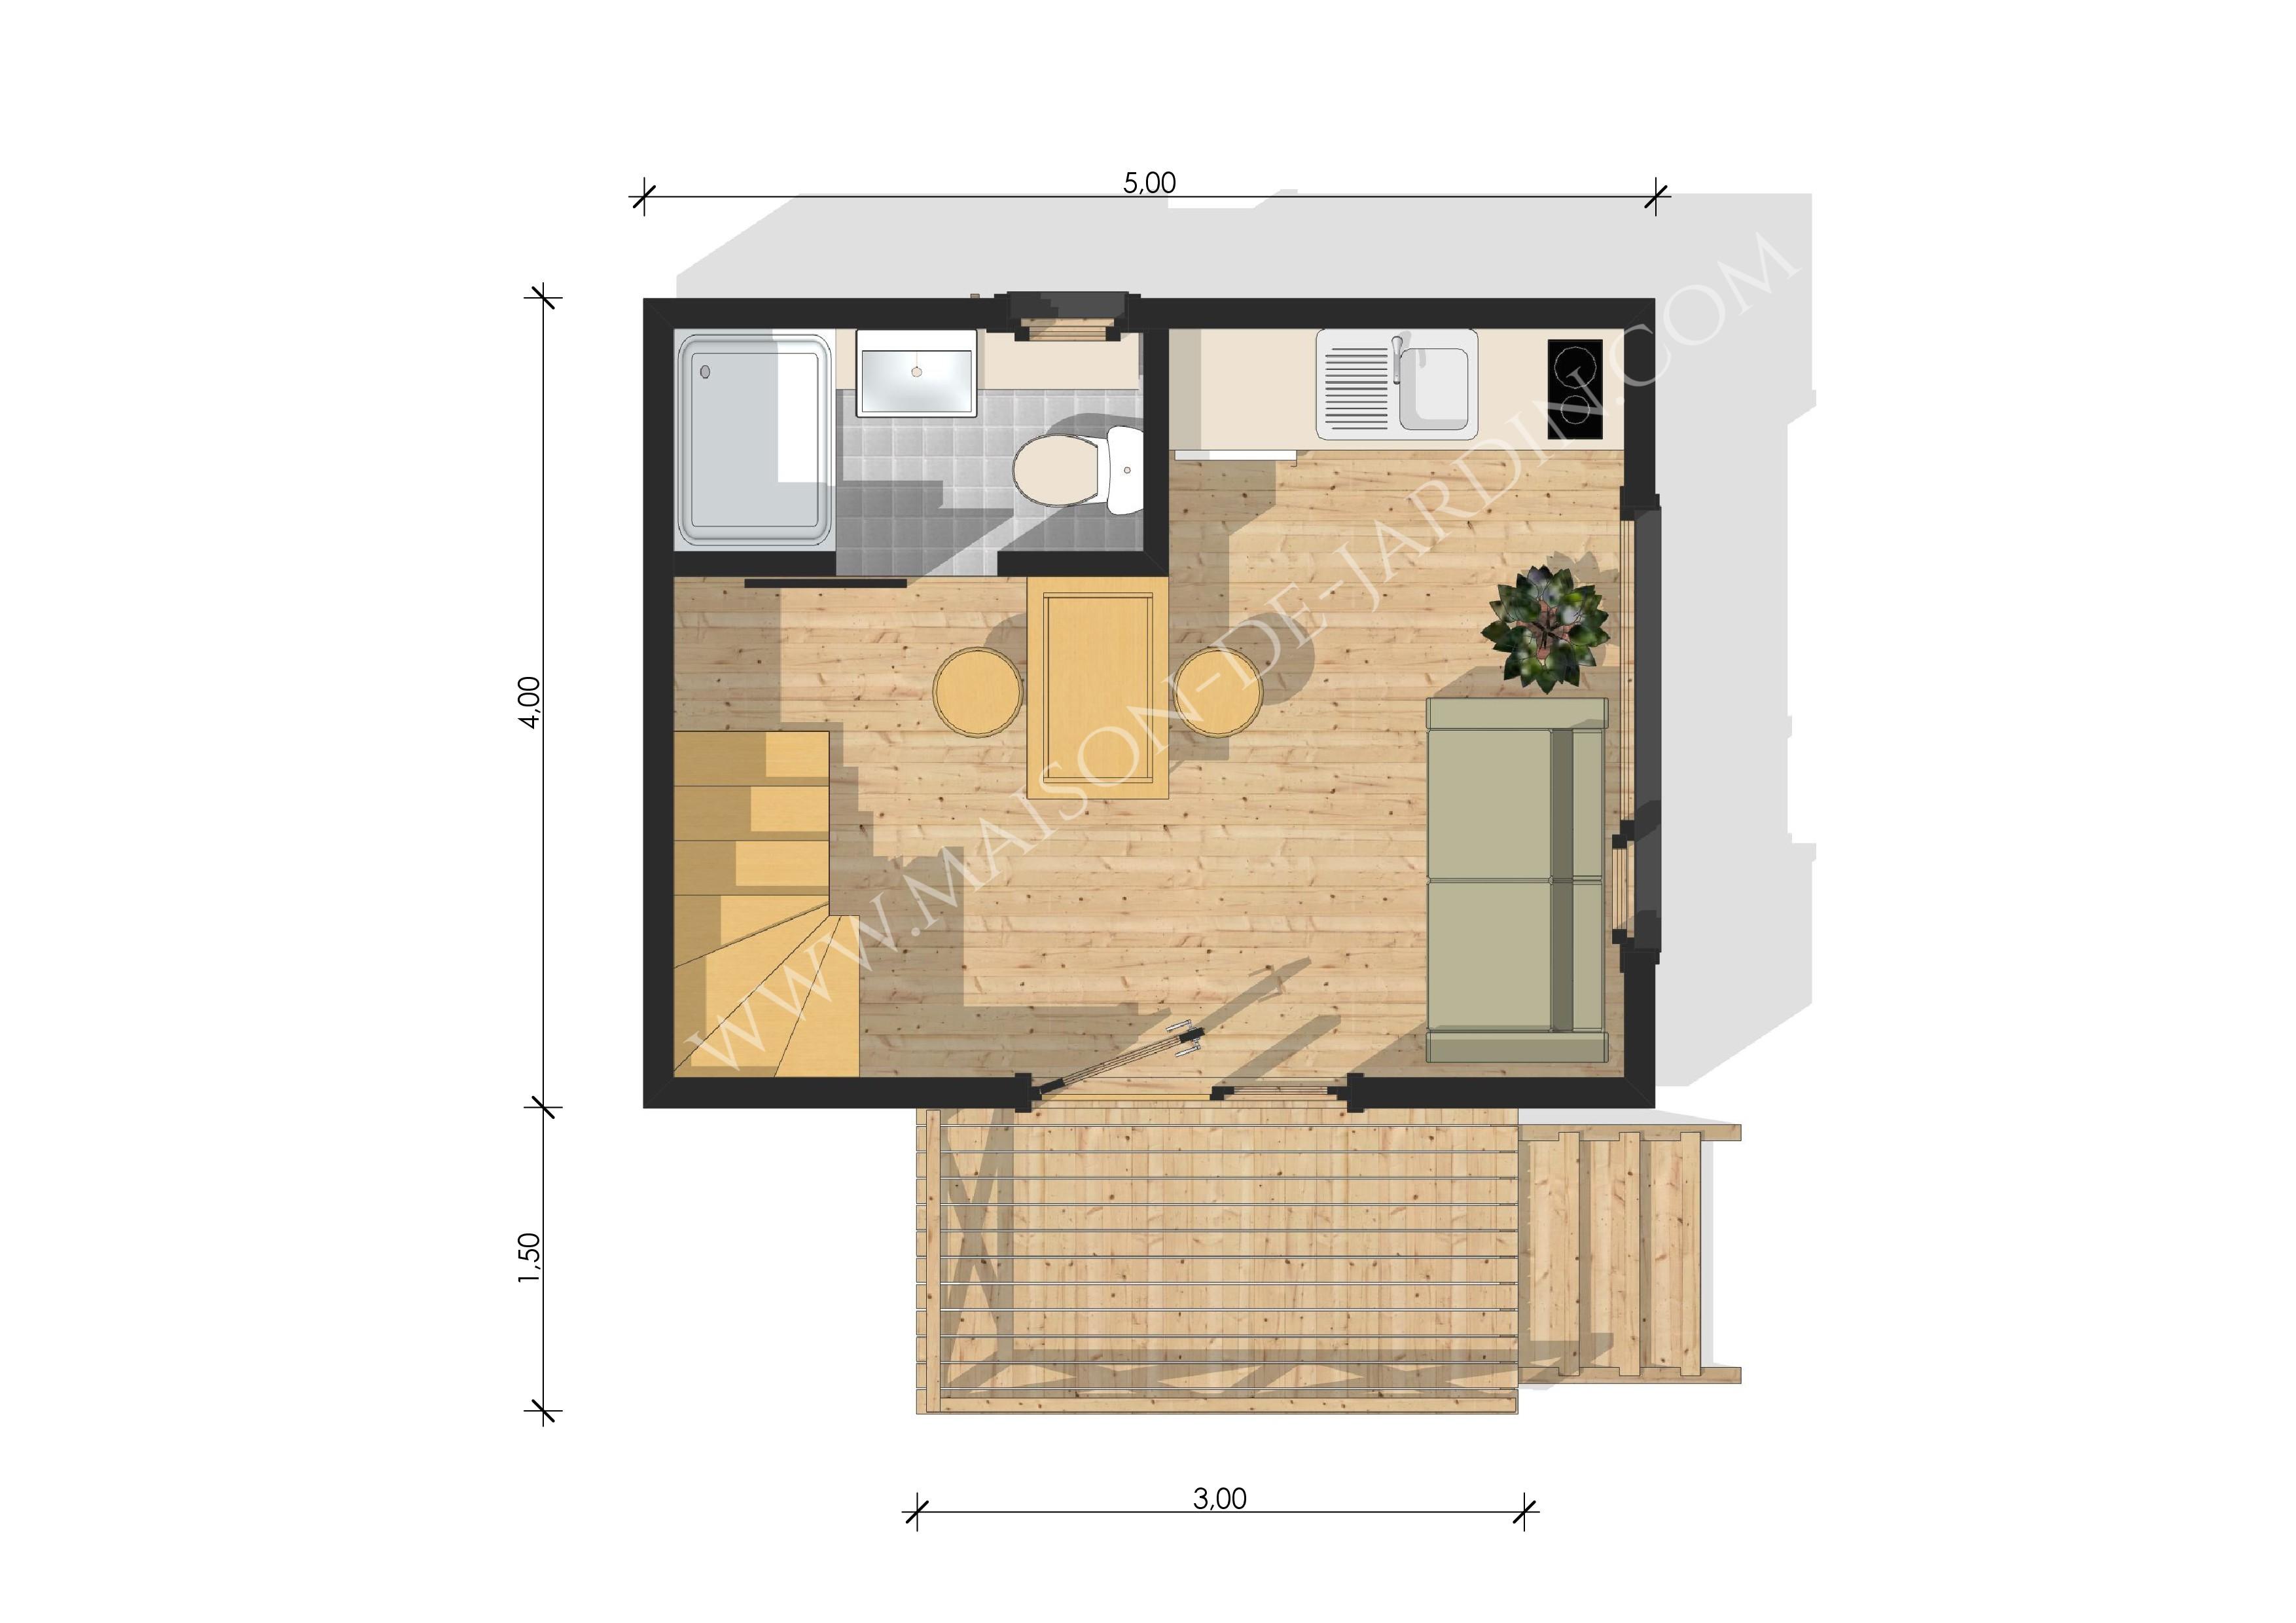 Maison de jardin bordeaux en bois en kit - Plan d un studio moderne ...